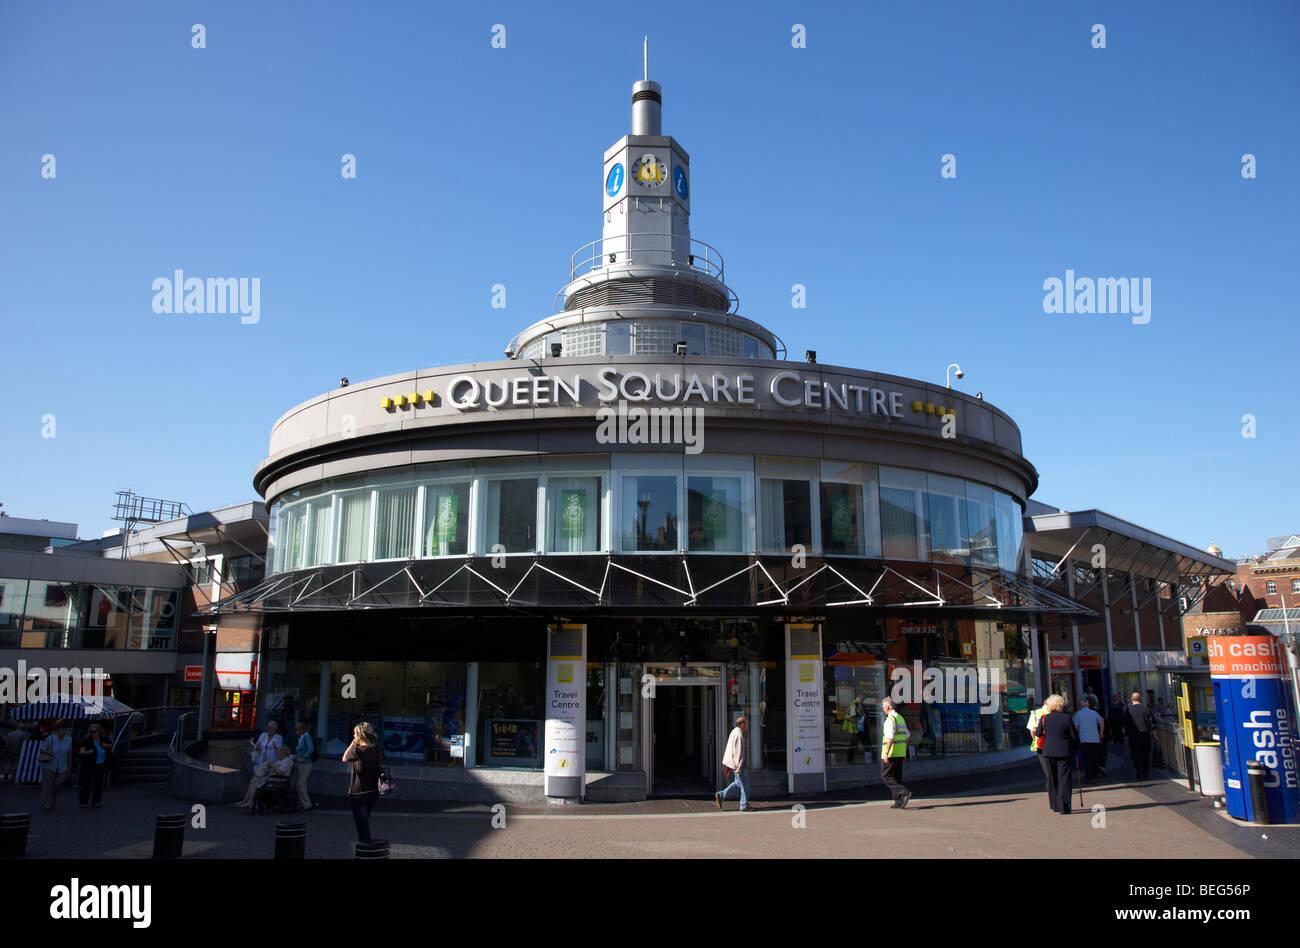 Queen Square centro viaggi per merseytravel Liverpool Merseyside England Regno Unito Immagini Stock